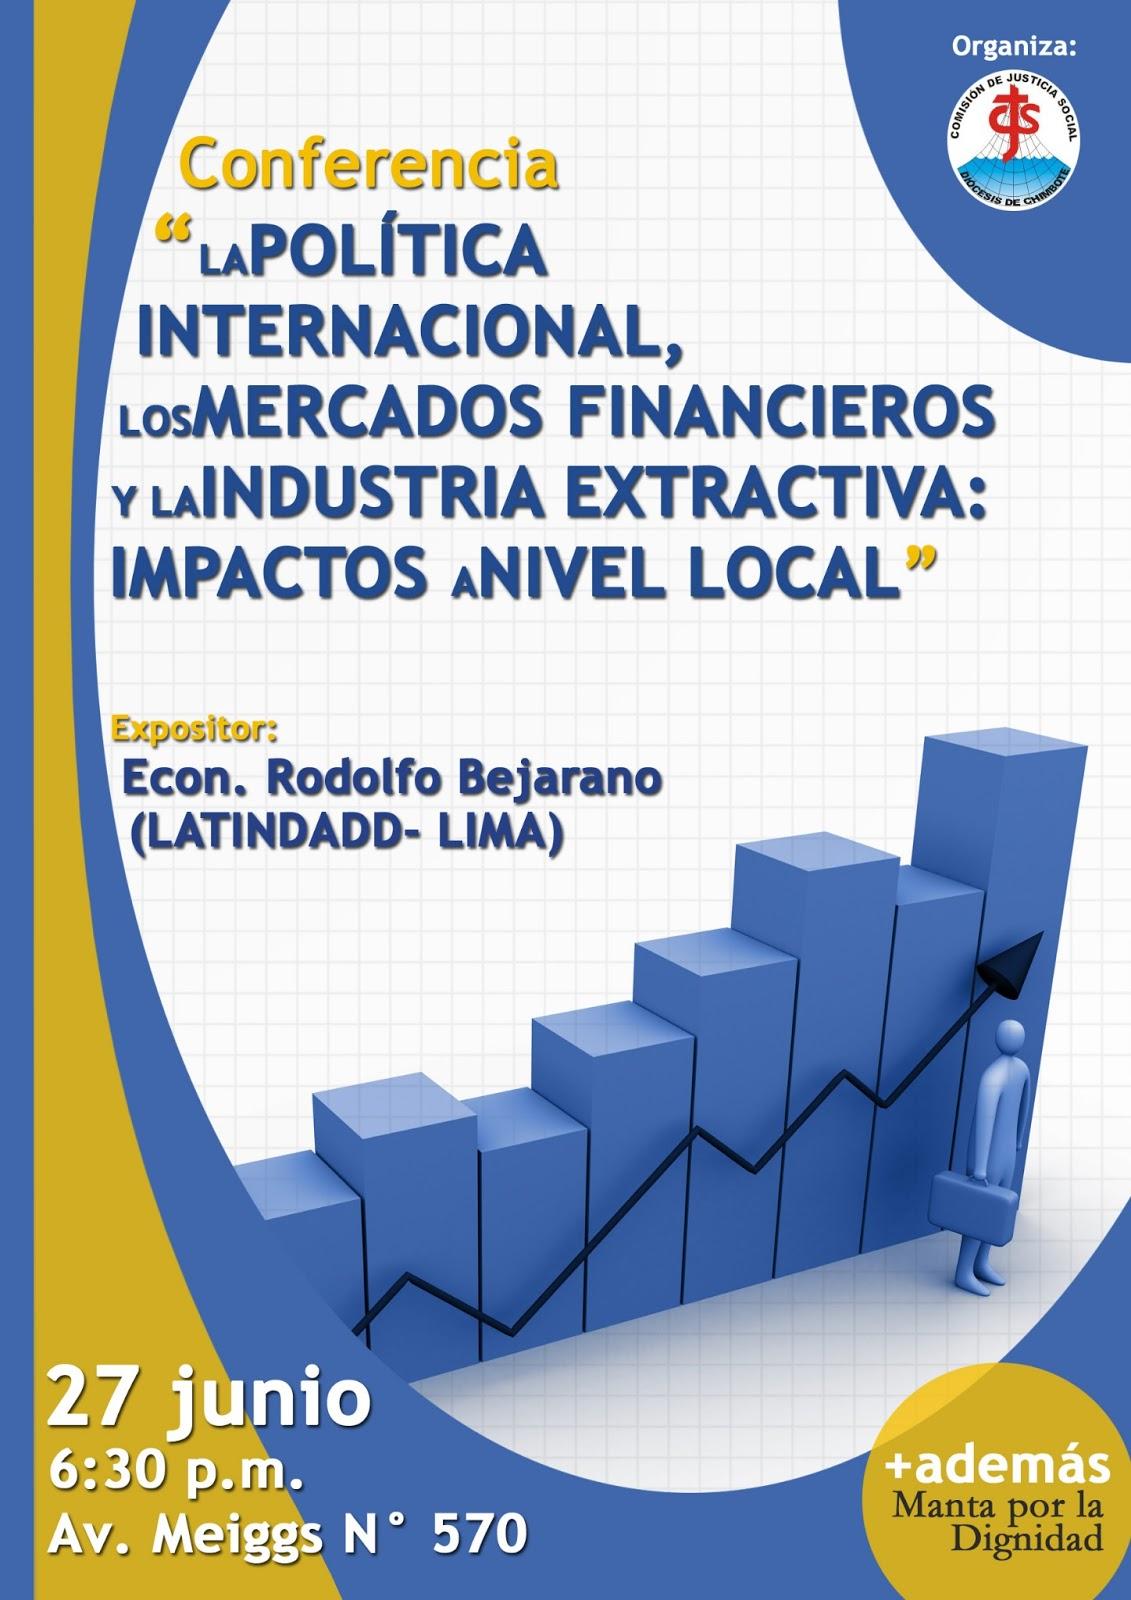 Comisi n de justicia social cjs realizar conferencia for La politica internacional